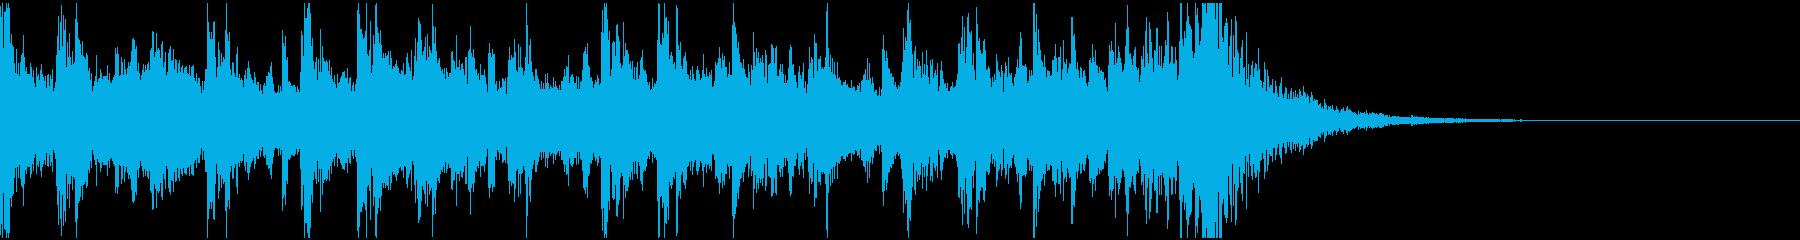 ピアノ、フルオーケストラ、パーカッ...の再生済みの波形